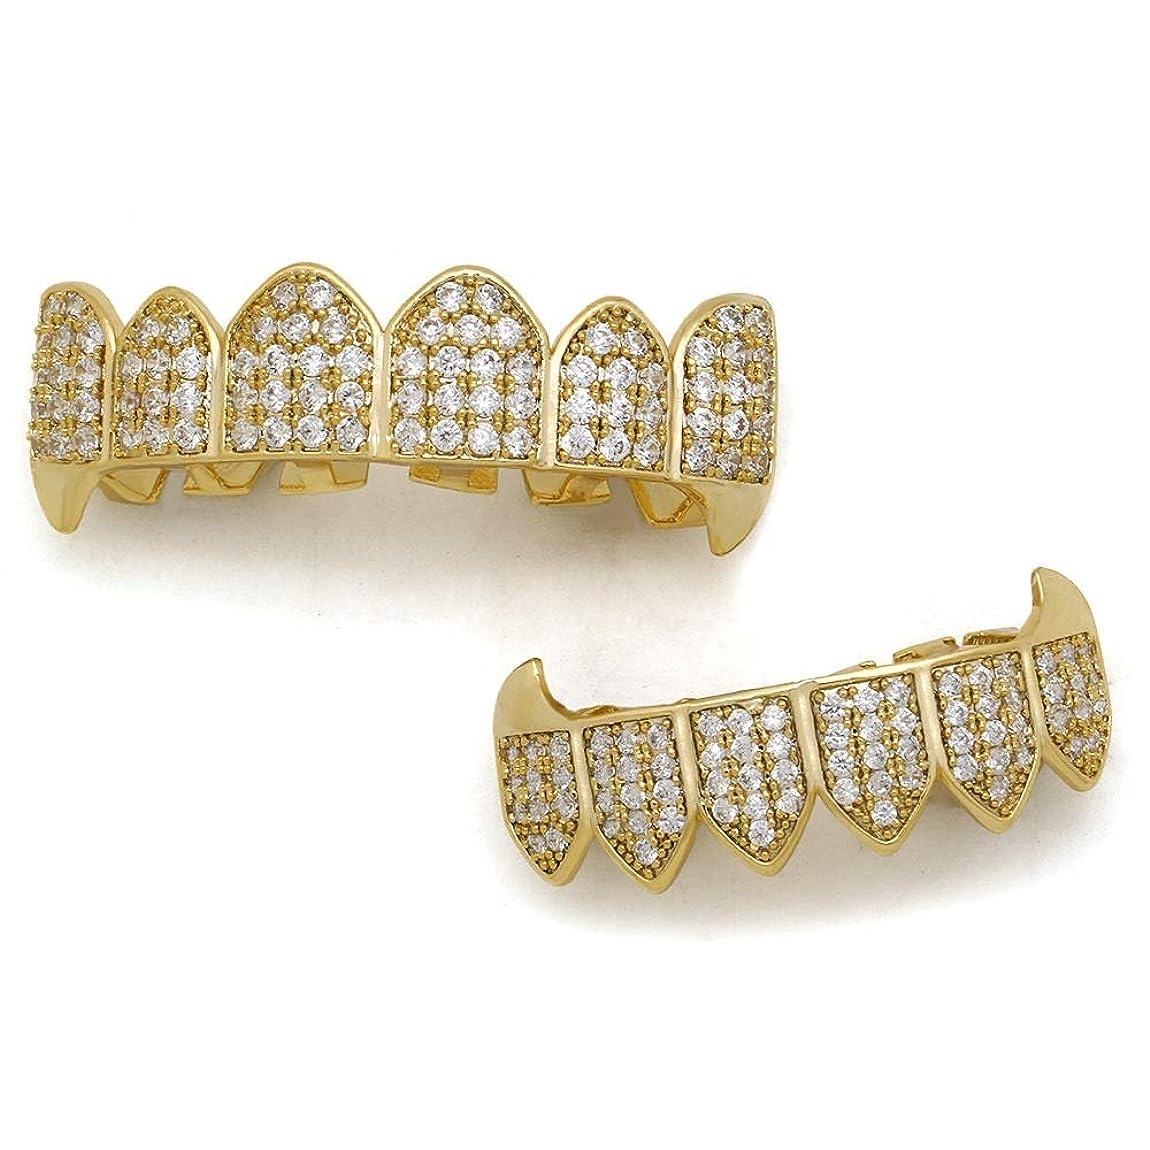 複雑な厚い糸YHDD メッキされたホワイトゴールドは、口の上のヒップホップの歯のグリルの歯の口のためのグリル (色 : ゴールド)